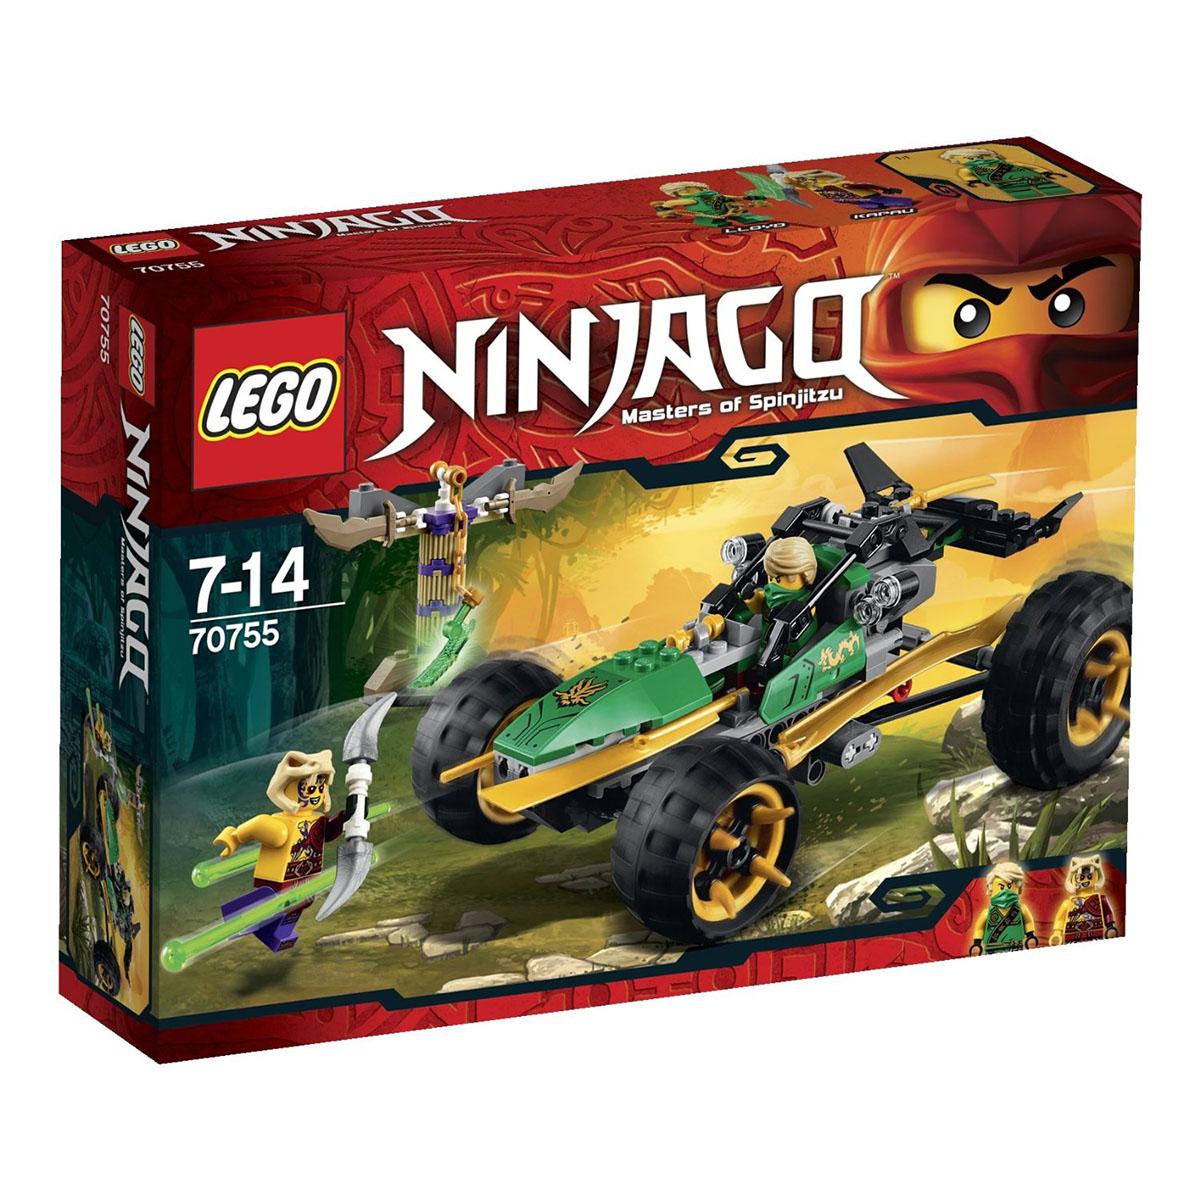 Mo hinh LEGO Ninjago - Biet doi rung 70755